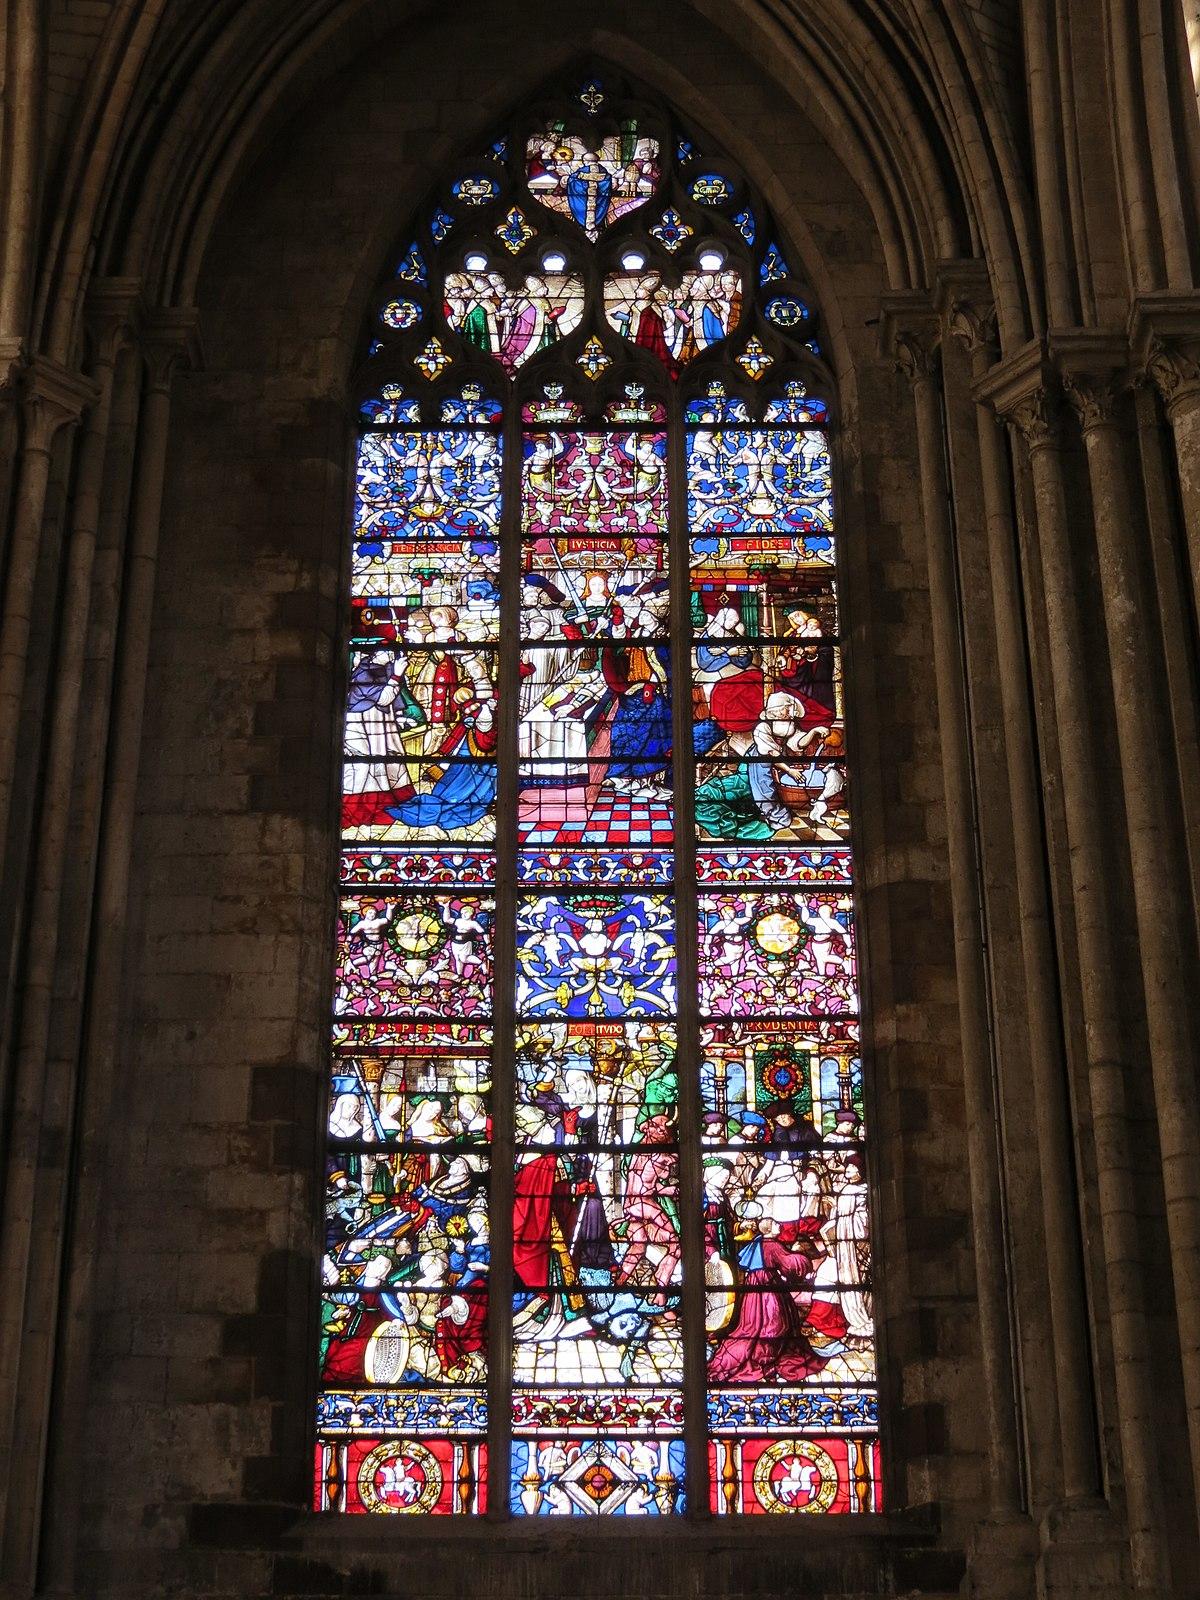 Vitraux de la cathdrale de Rouen  Wikipdia